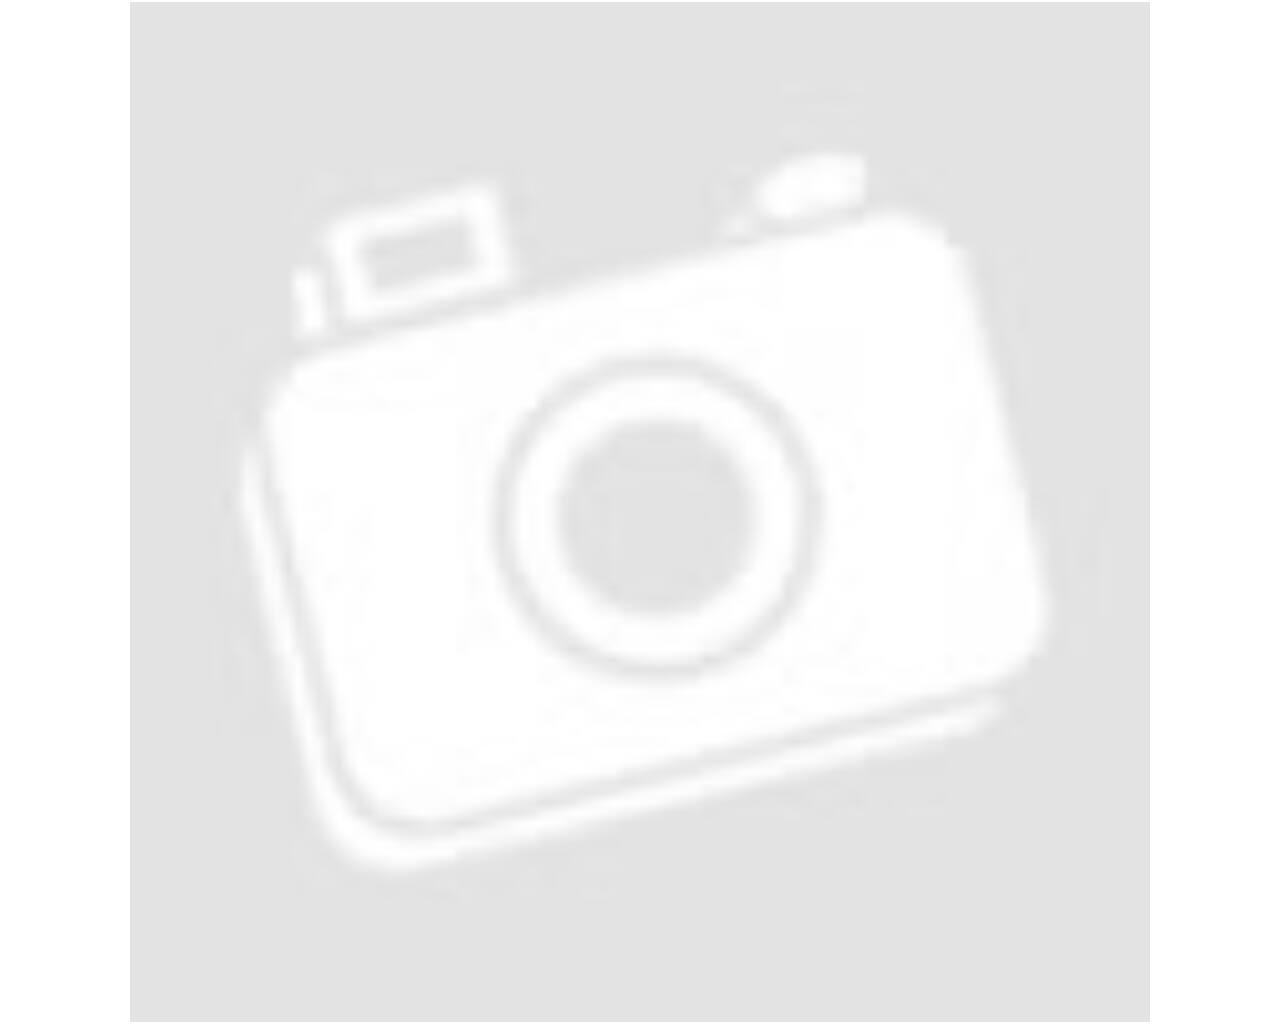 Műanyag ajtó fehér 188x78cm 3 kamrás Far East Weiss